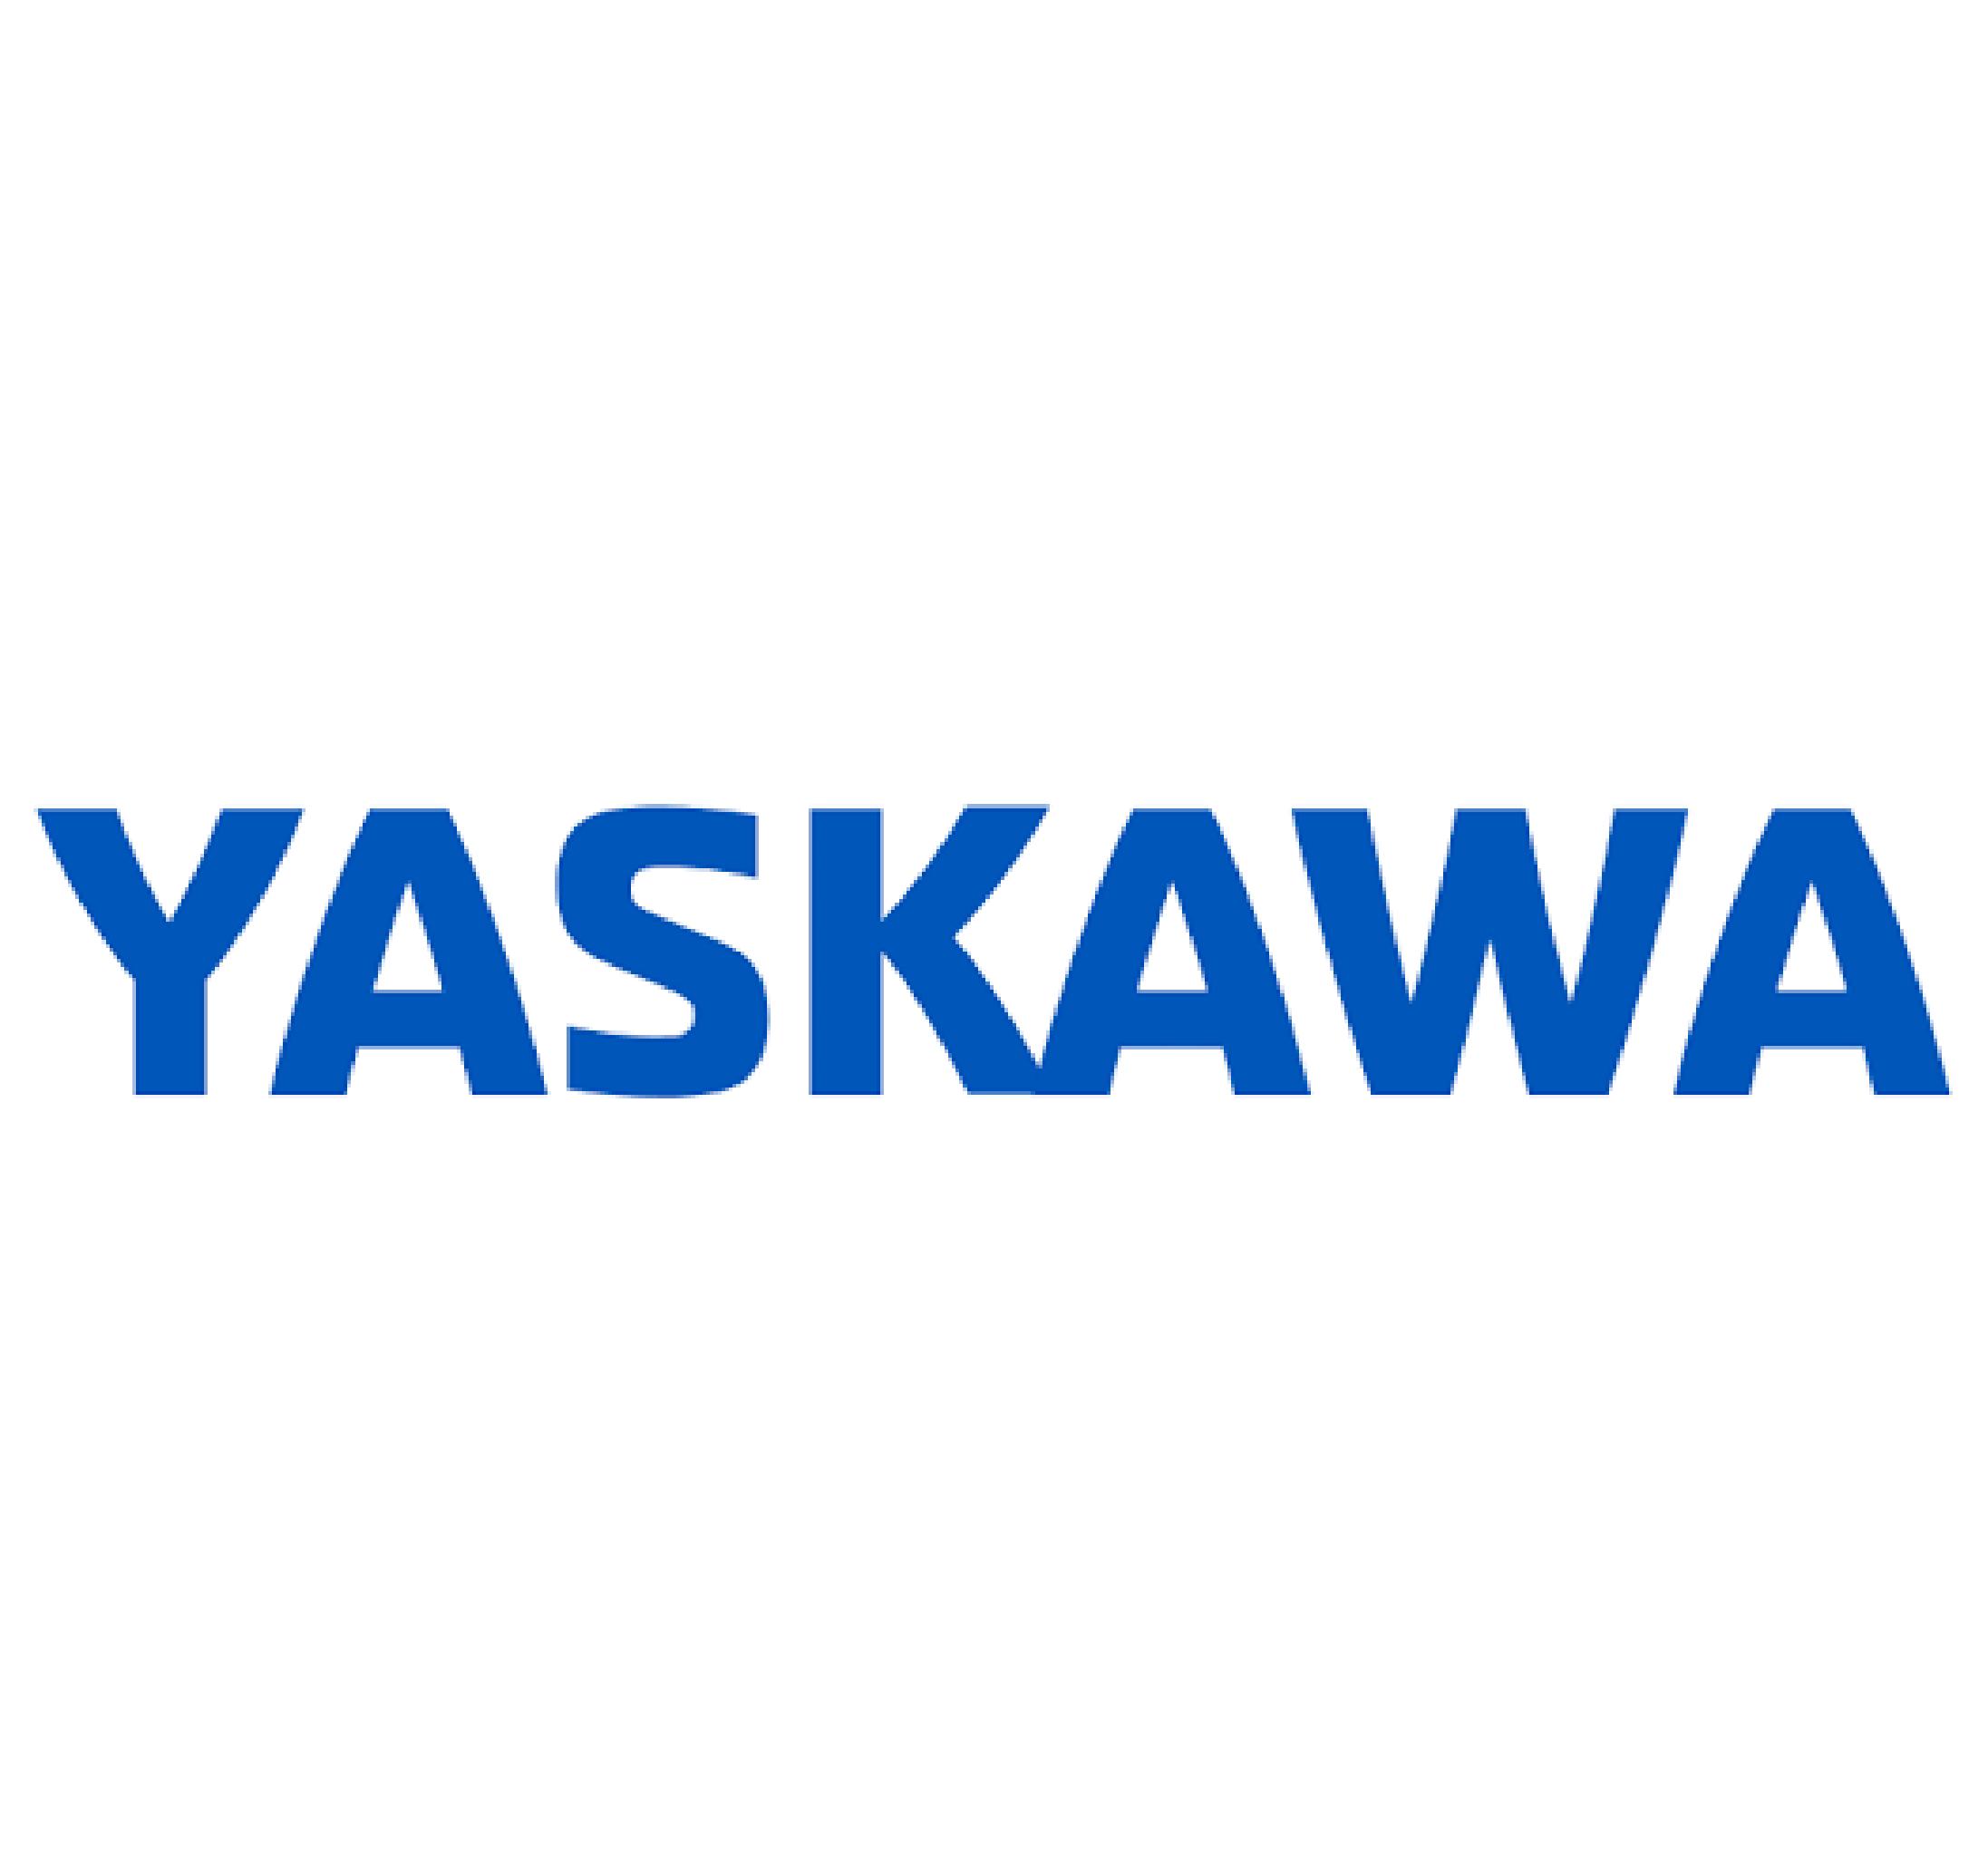 yaskawa robotics south africa